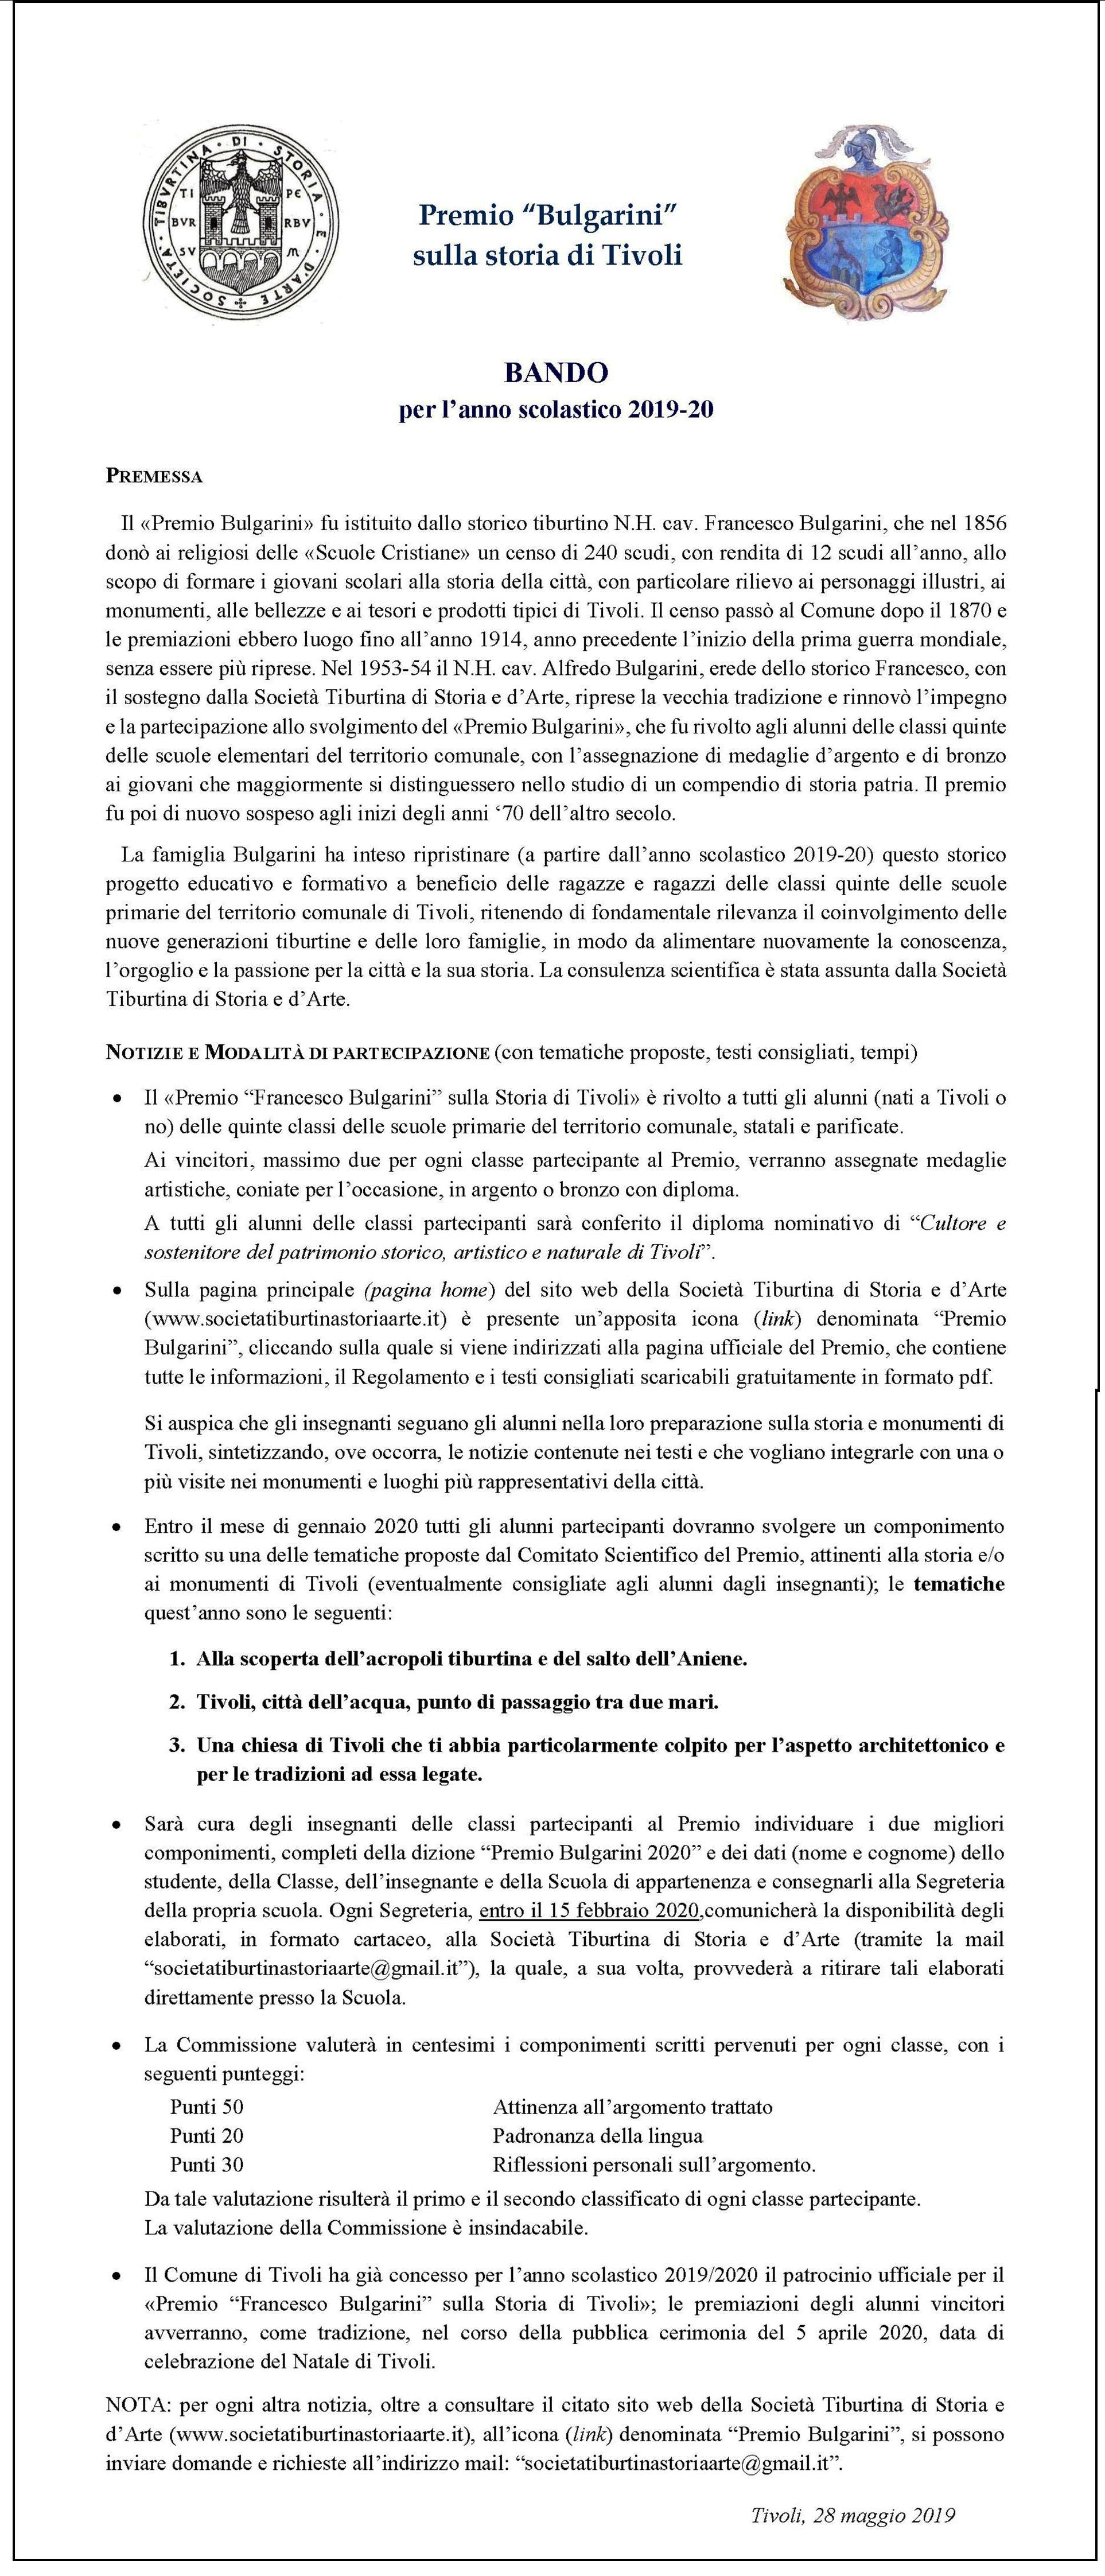 BANDO_UFFICIALE_PREMIO_BULGARINI_28_maggio_2019